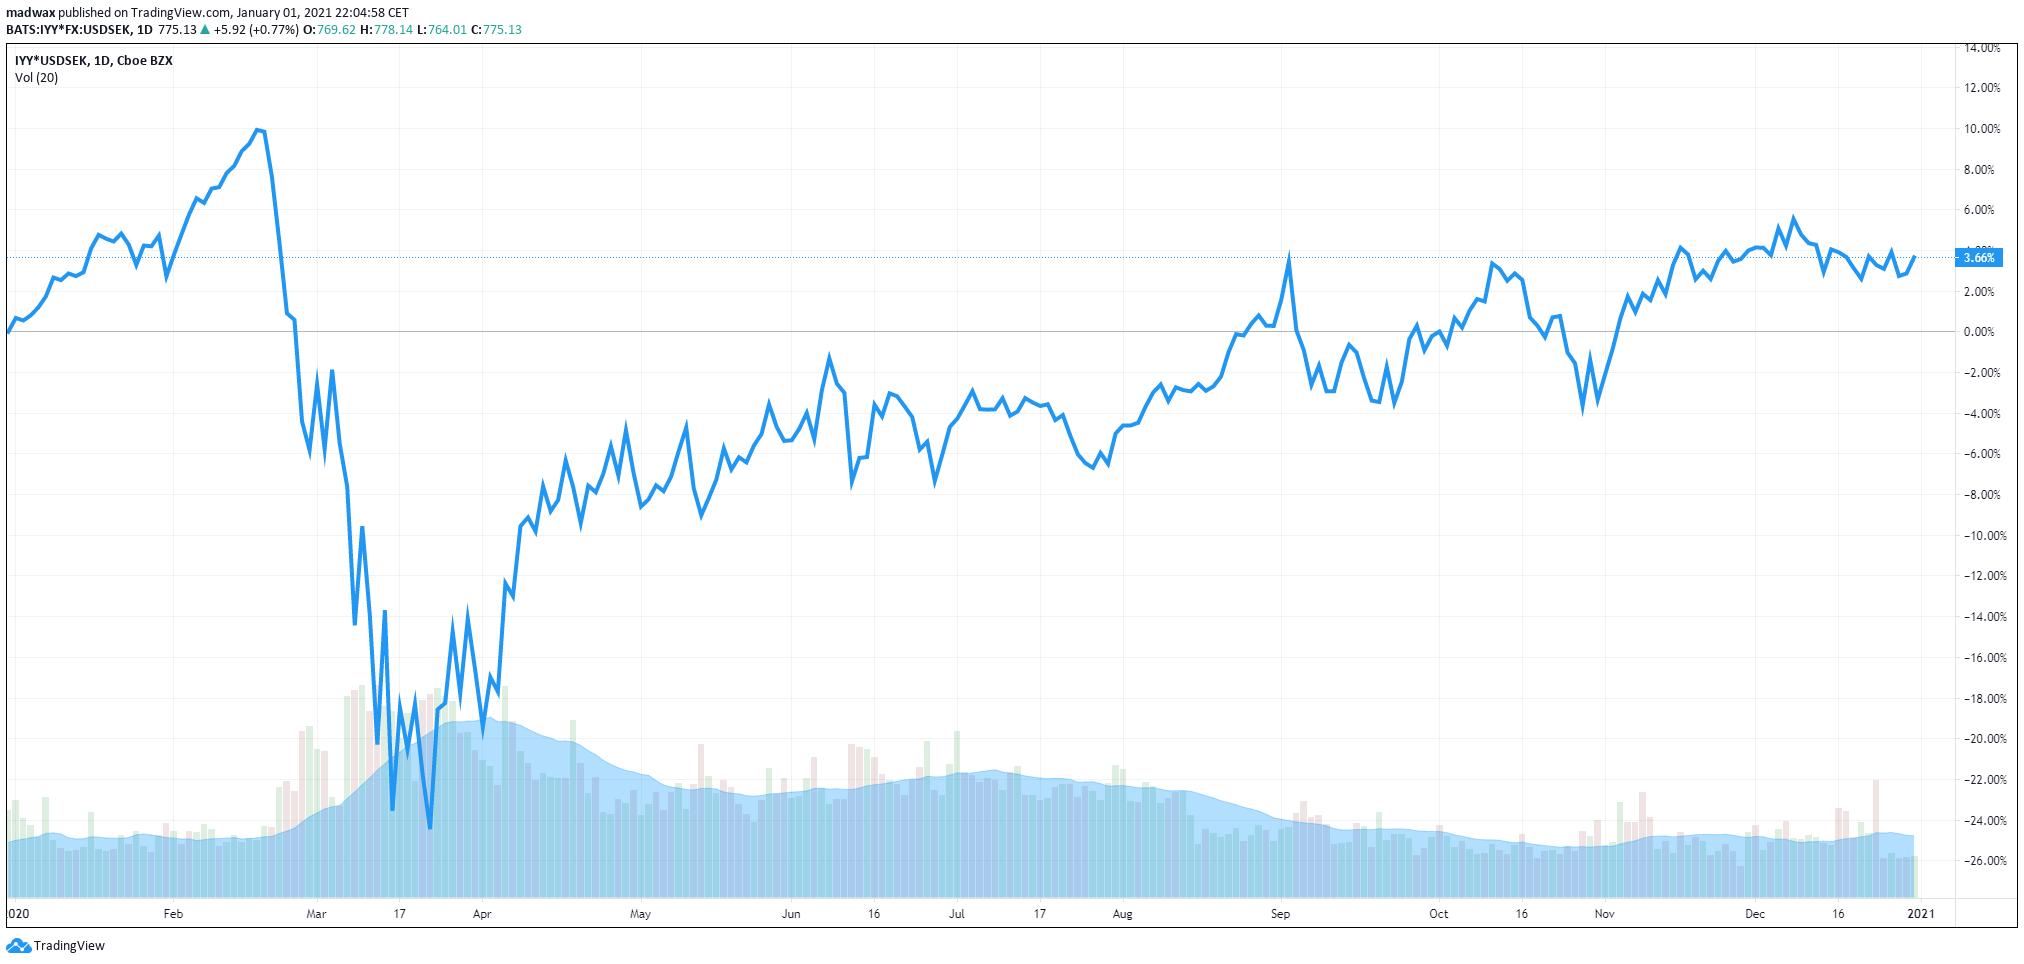 Amerikanska börsen (DJ USA) representerat av iShares Dow Jones (IYY) i SEK